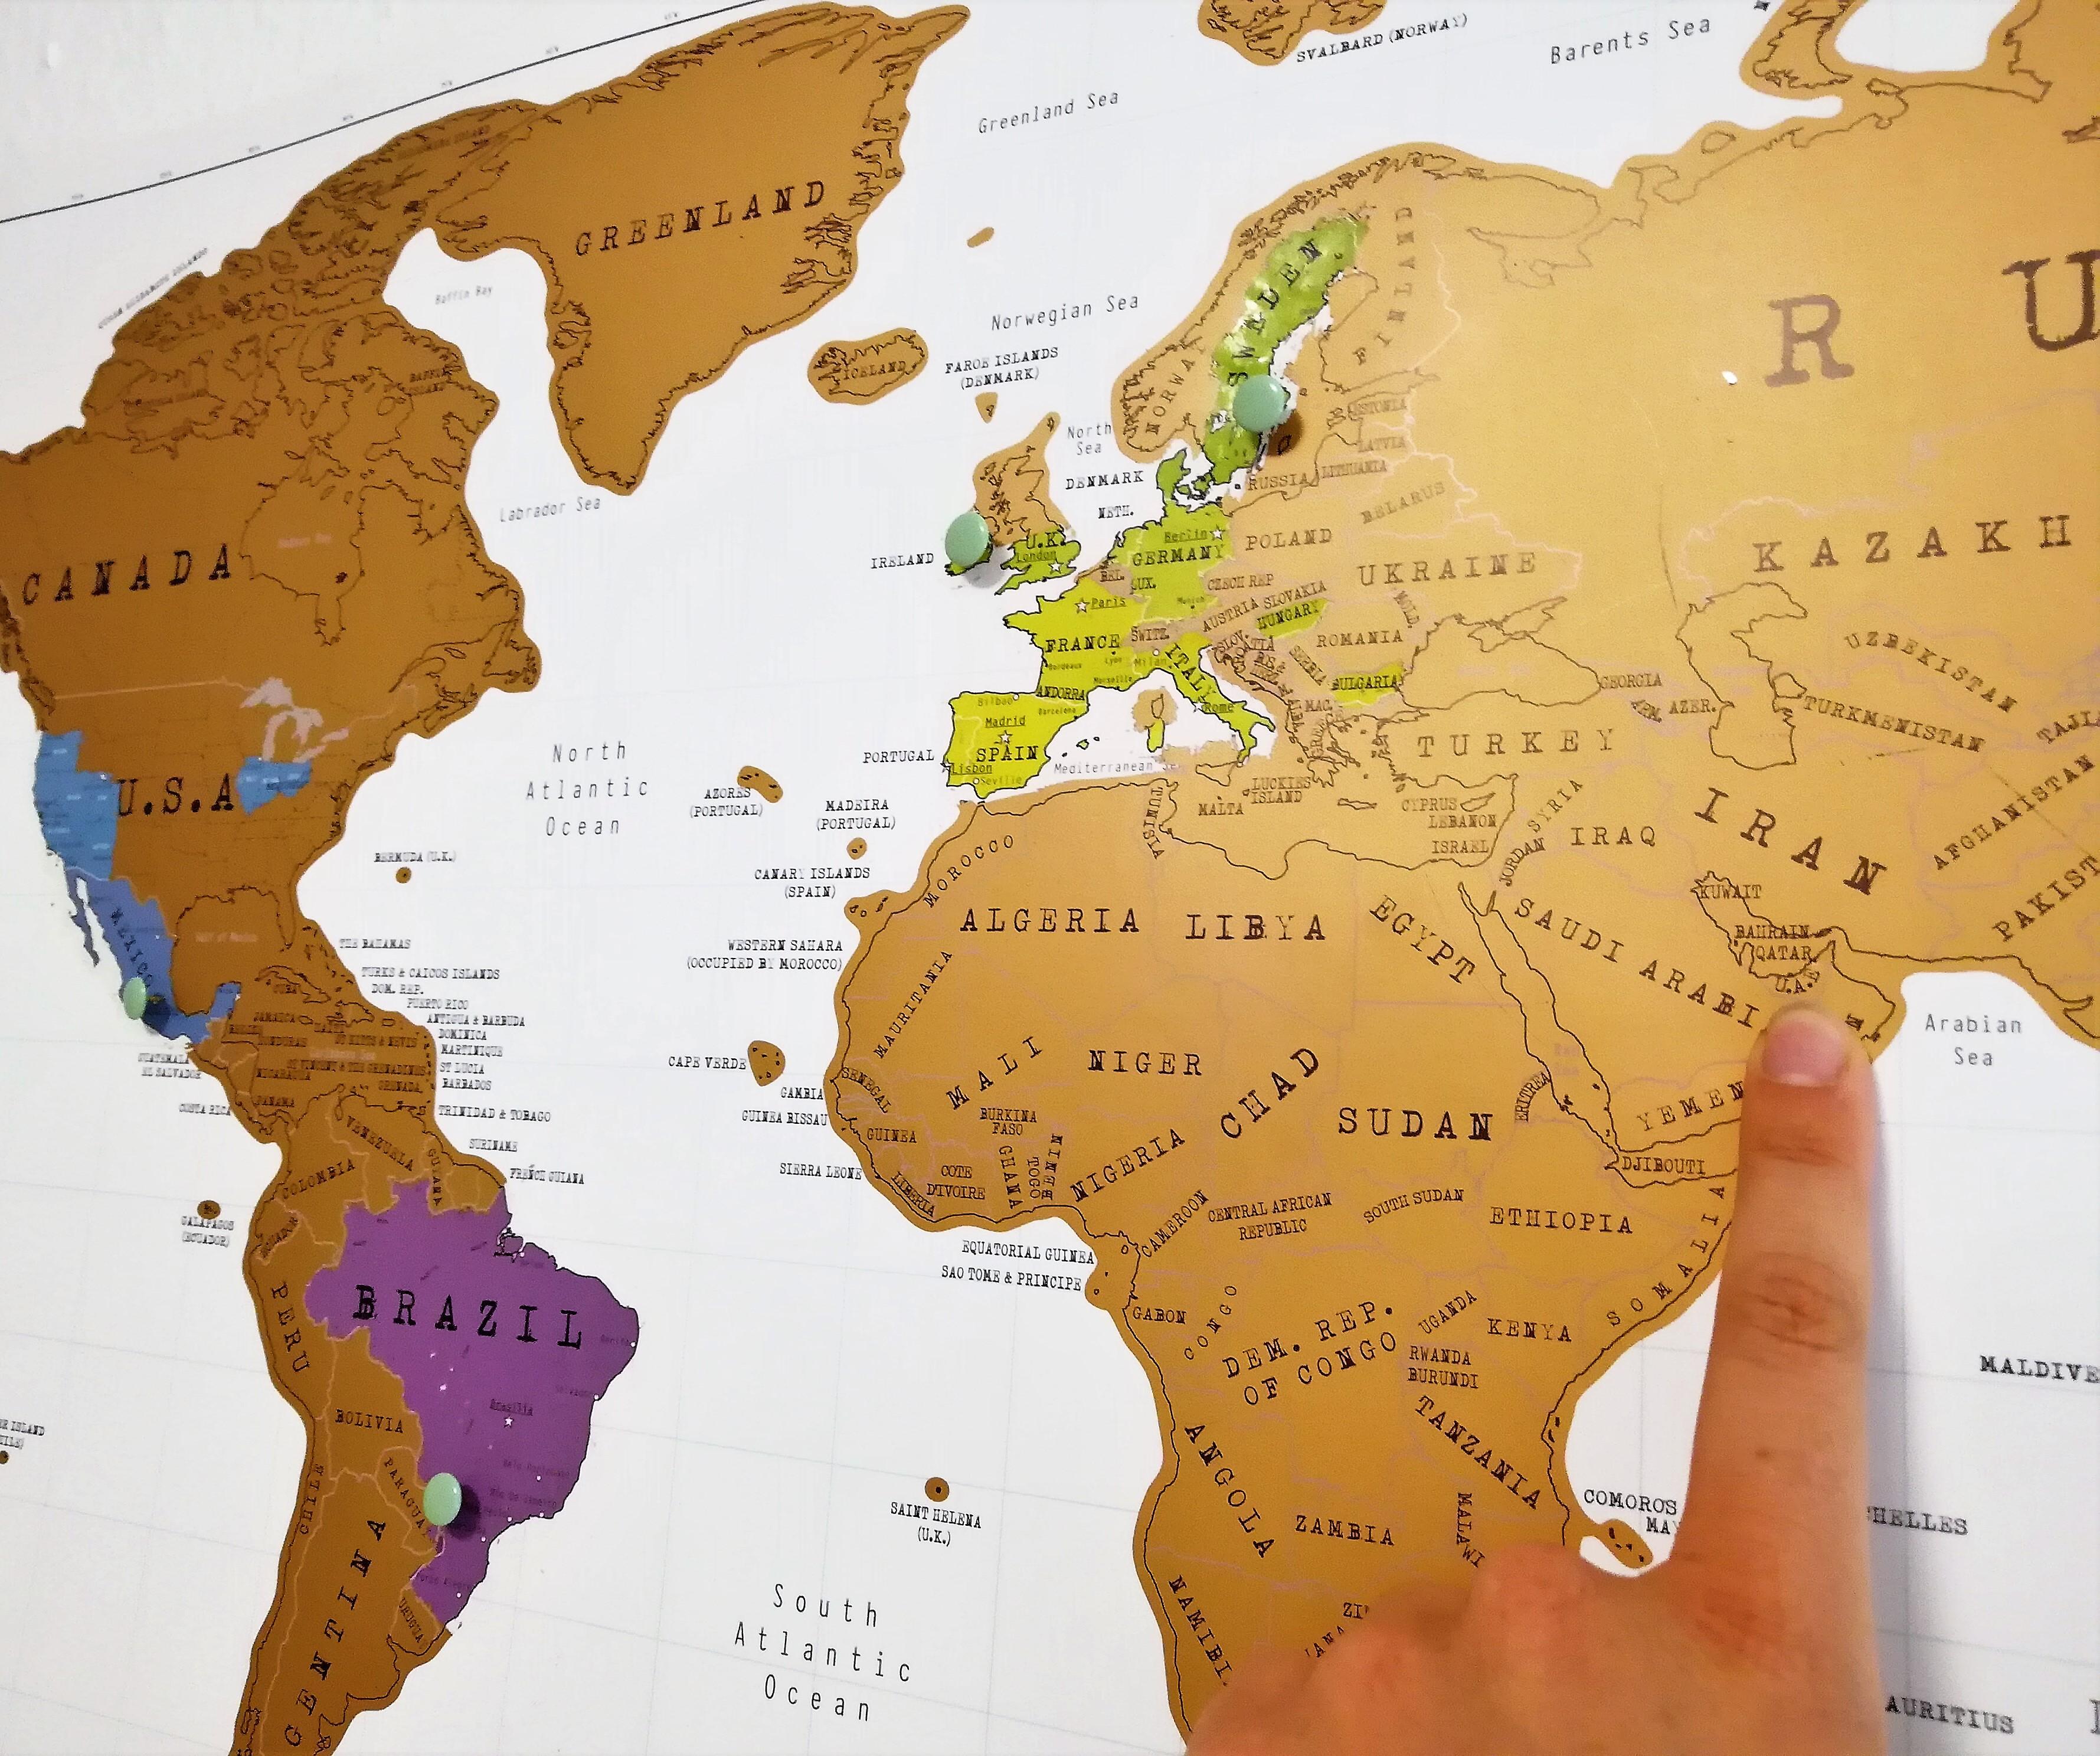 Mein 5. Auslandspraktikum – wo geht's dieses Mal hin?